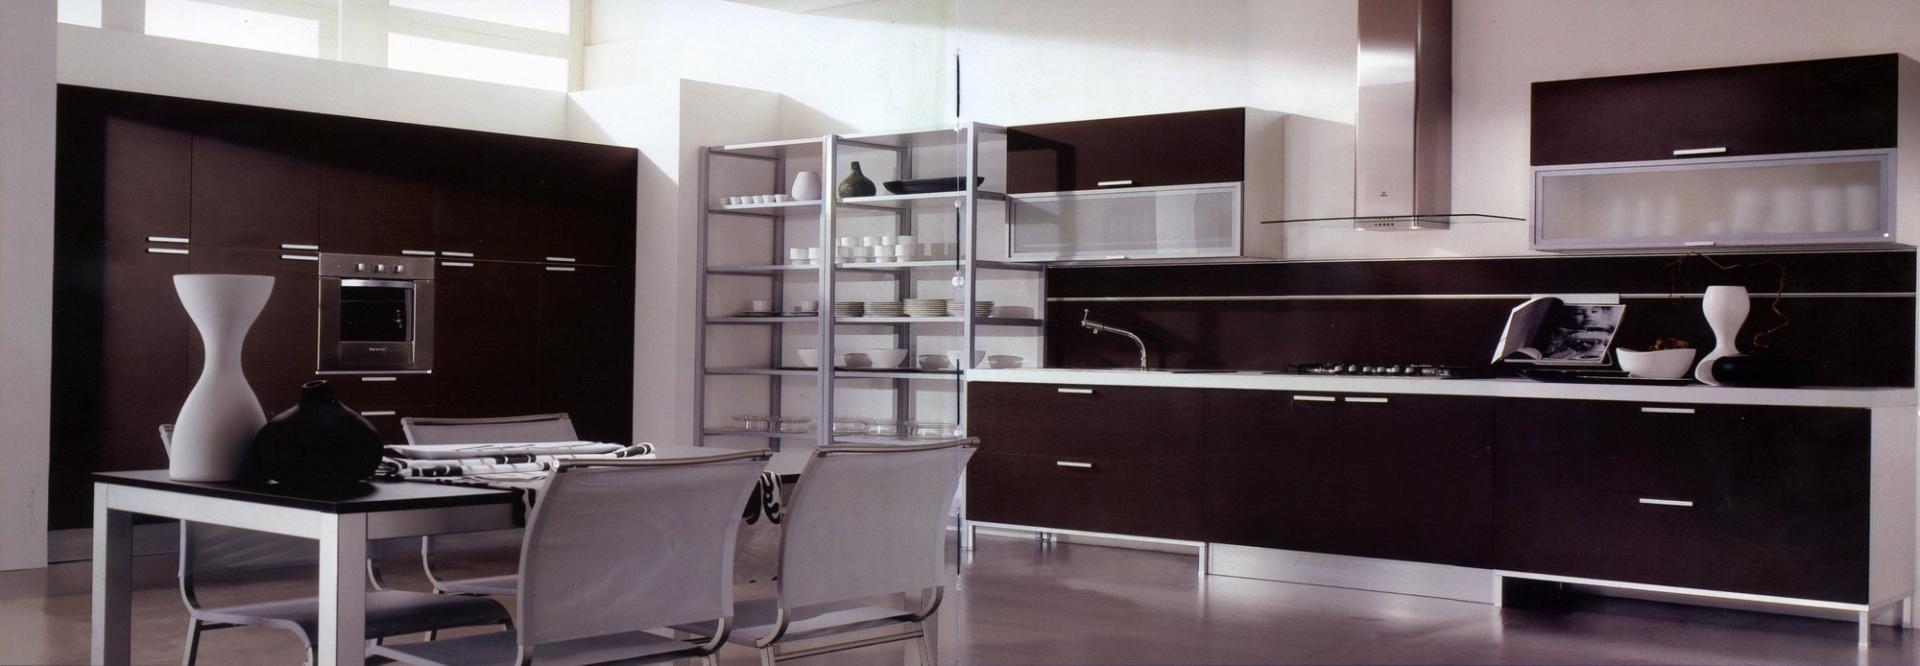 Mia кухня Mia 2